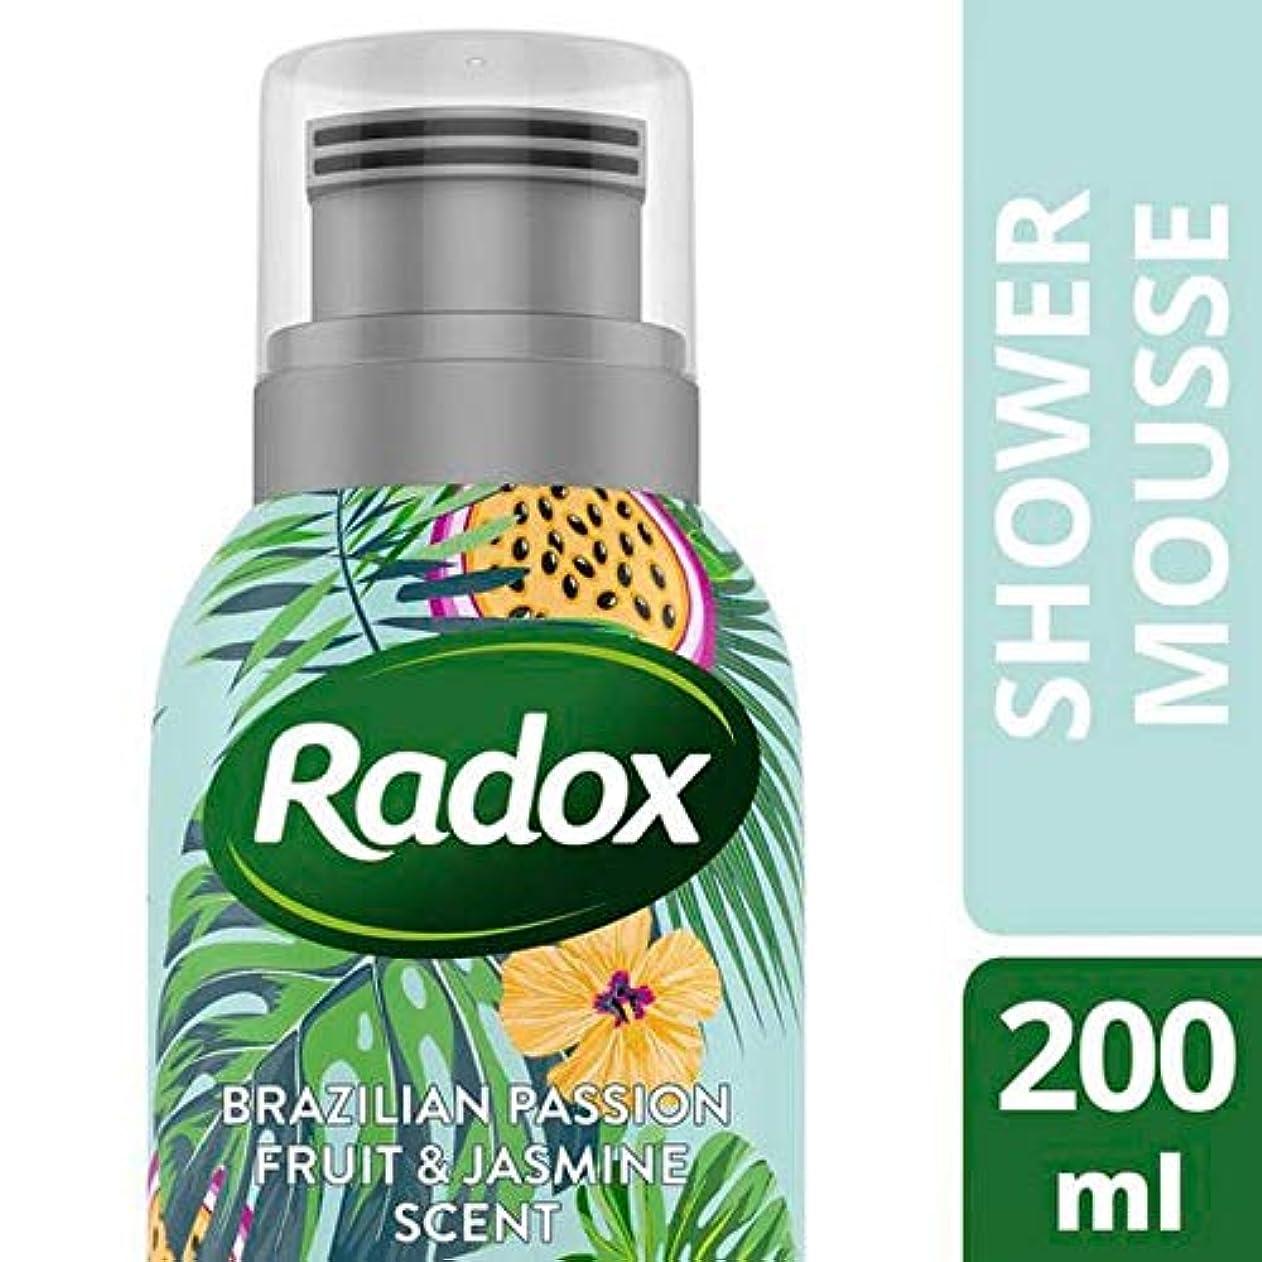 マウントバンク極貧ビルダー[Radox] あなたの日差しシャワームース200ミリリットルをRadox見つけます - Radox Find your sunshine Shower Mousse 200 ML [並行輸入品]